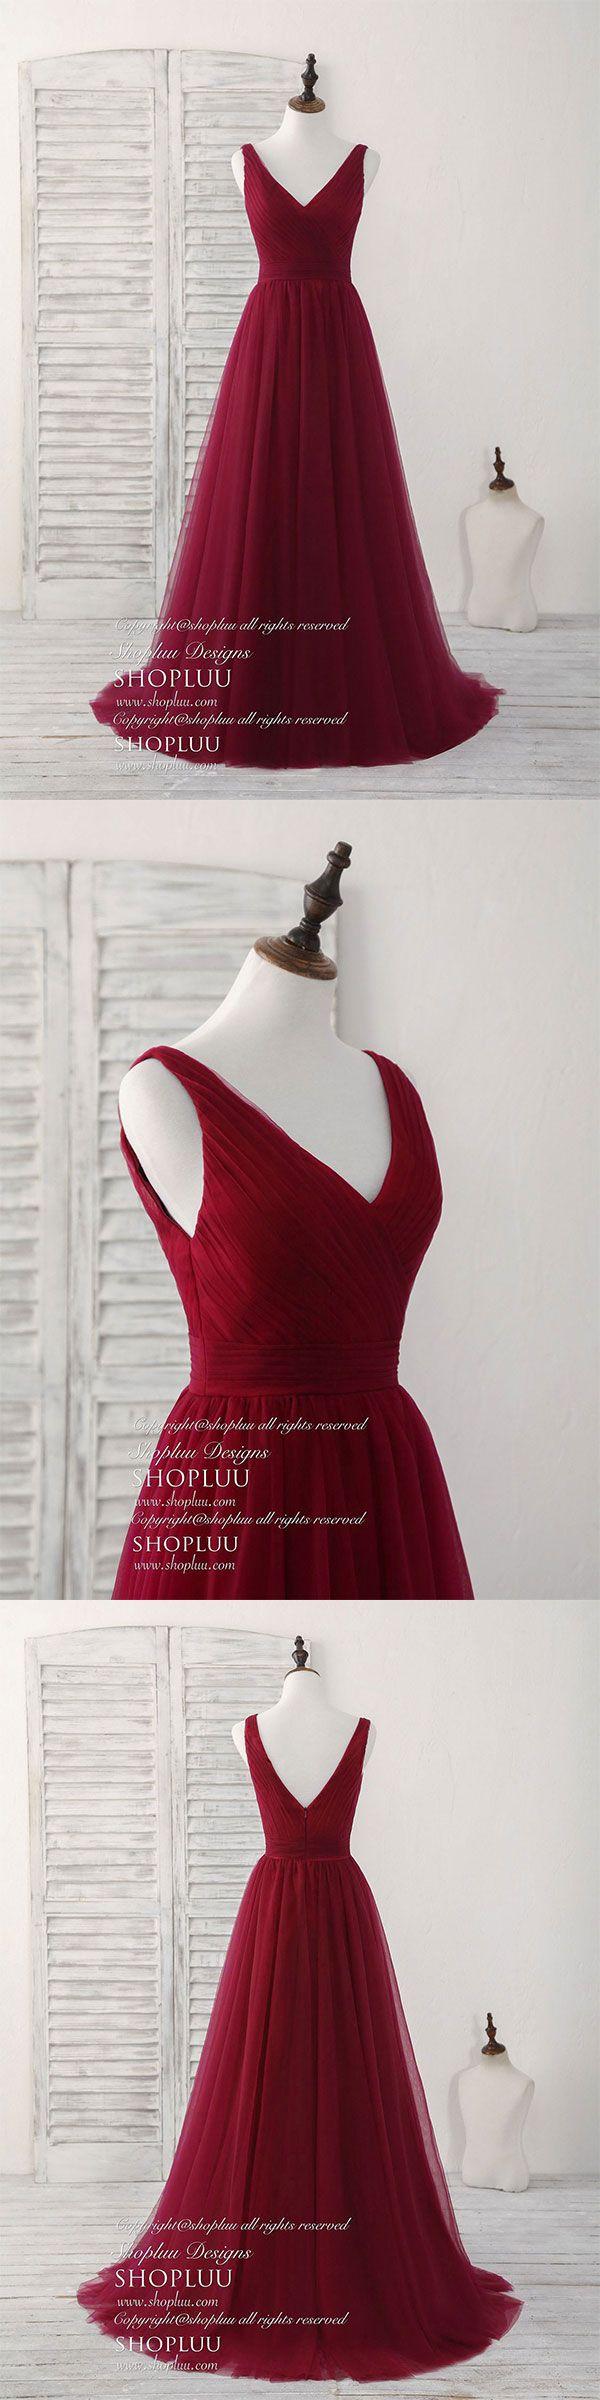 Simple v neck burgundy tulle long prom dress burgundy evening dress, Burgundy bridesmaid dress